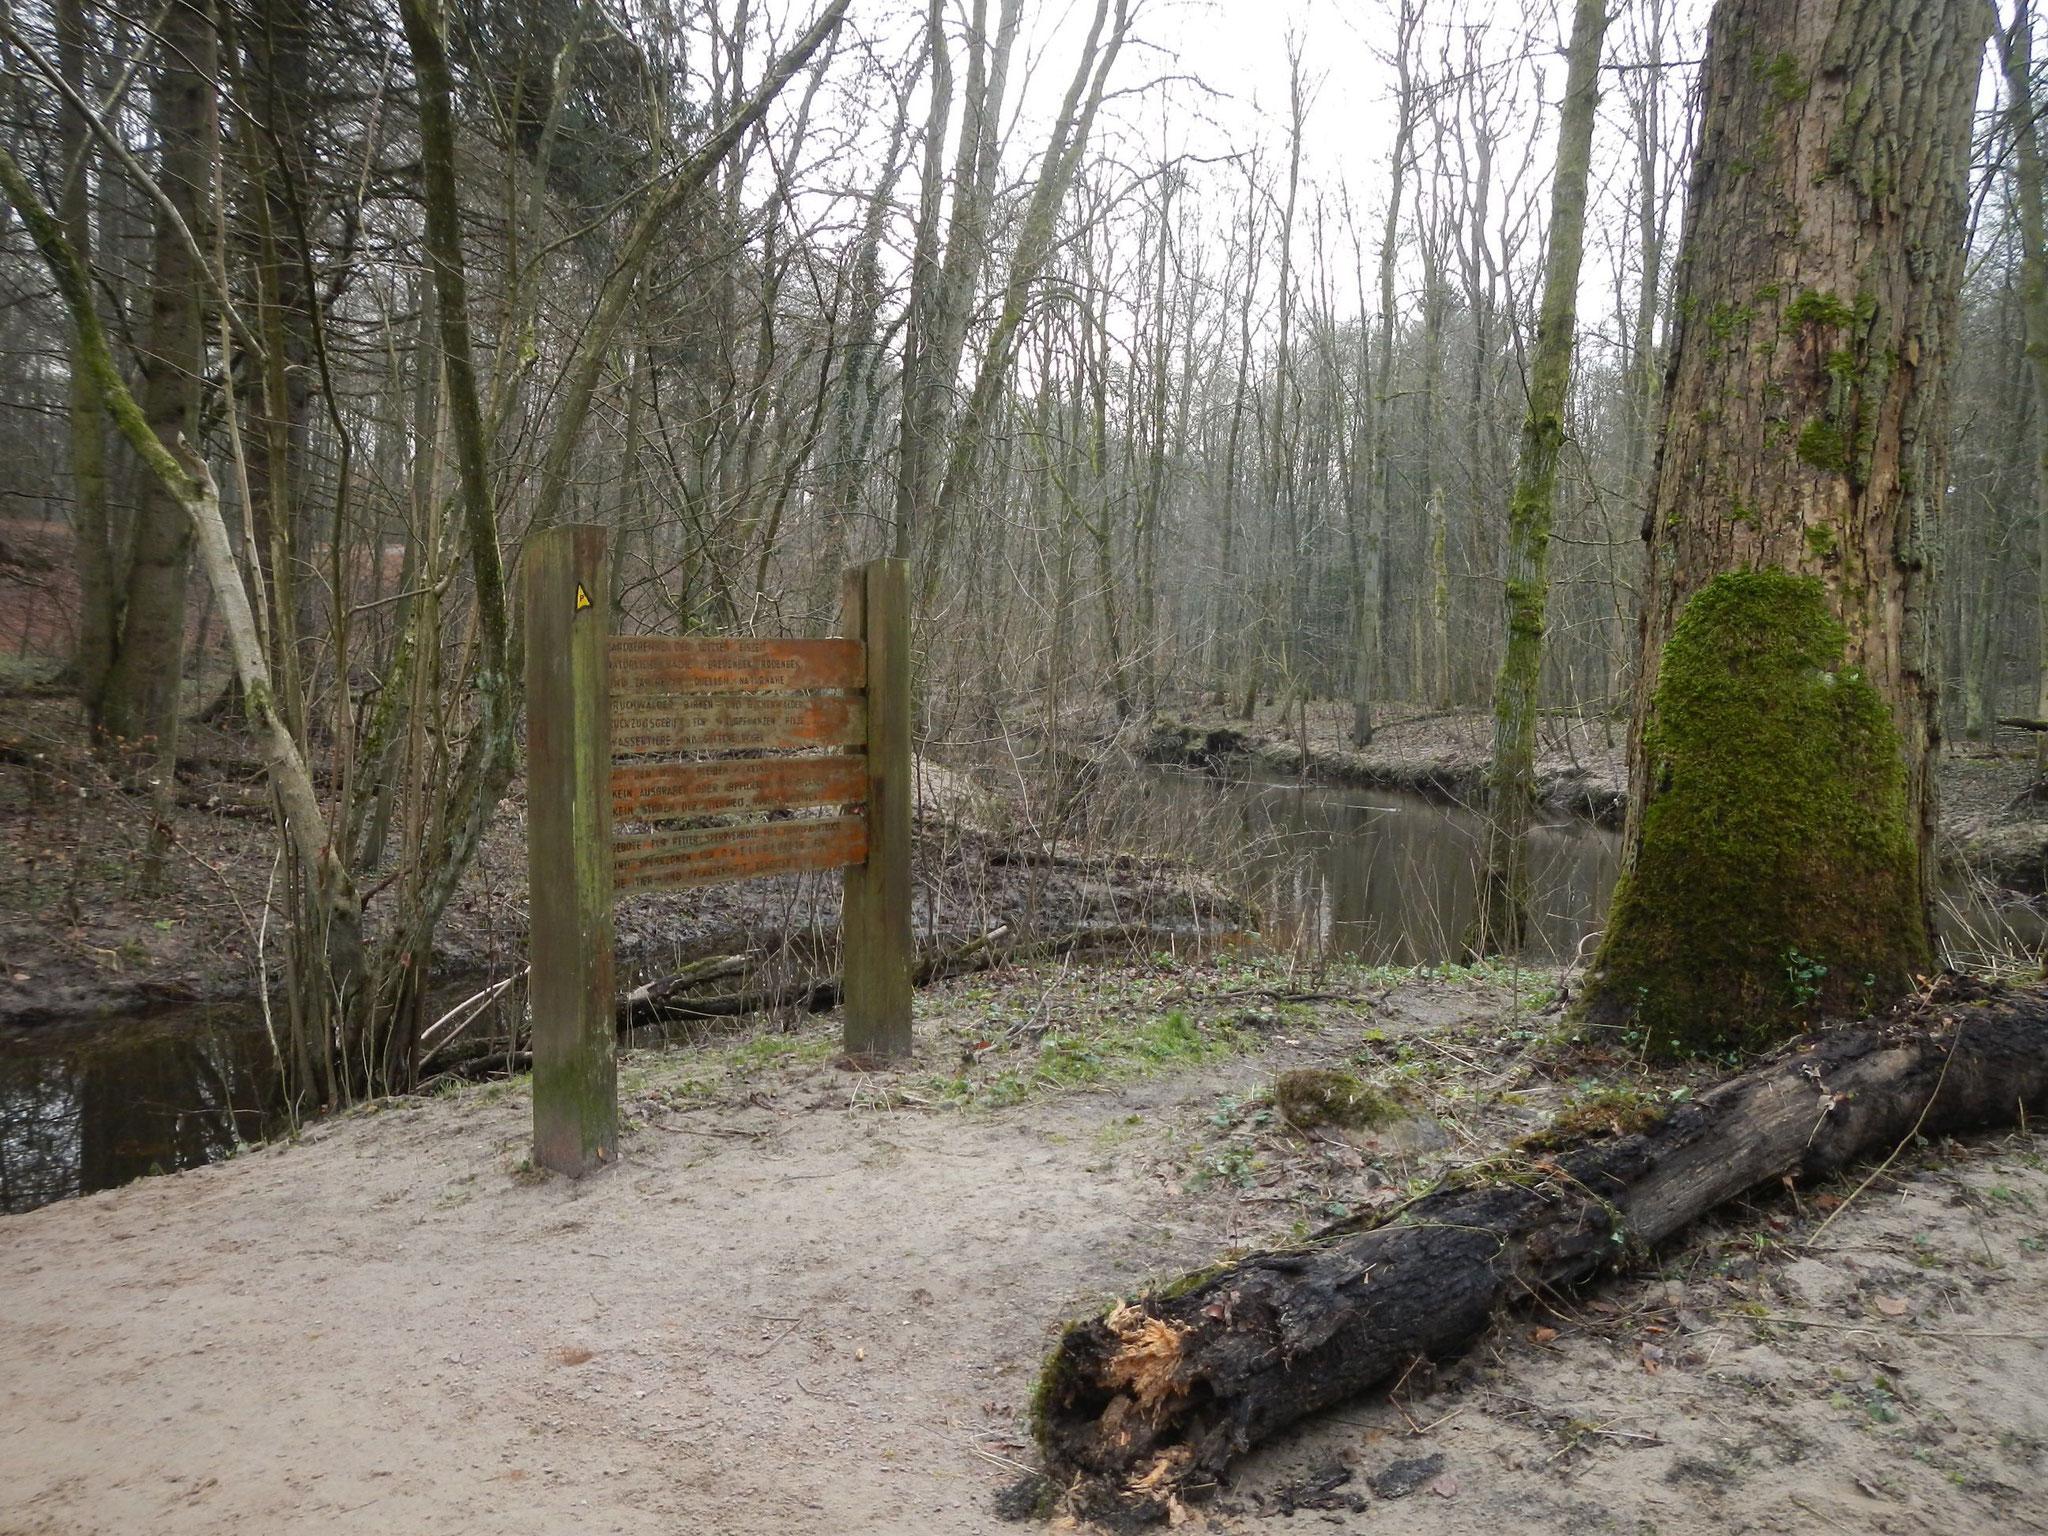 Mit dem Hochwasser hat die Alster zu Weihnachten 2014 viel Sand auf die Ufer gelegt. Am Baum ist noch die Hochwasserlinie zu sehen.